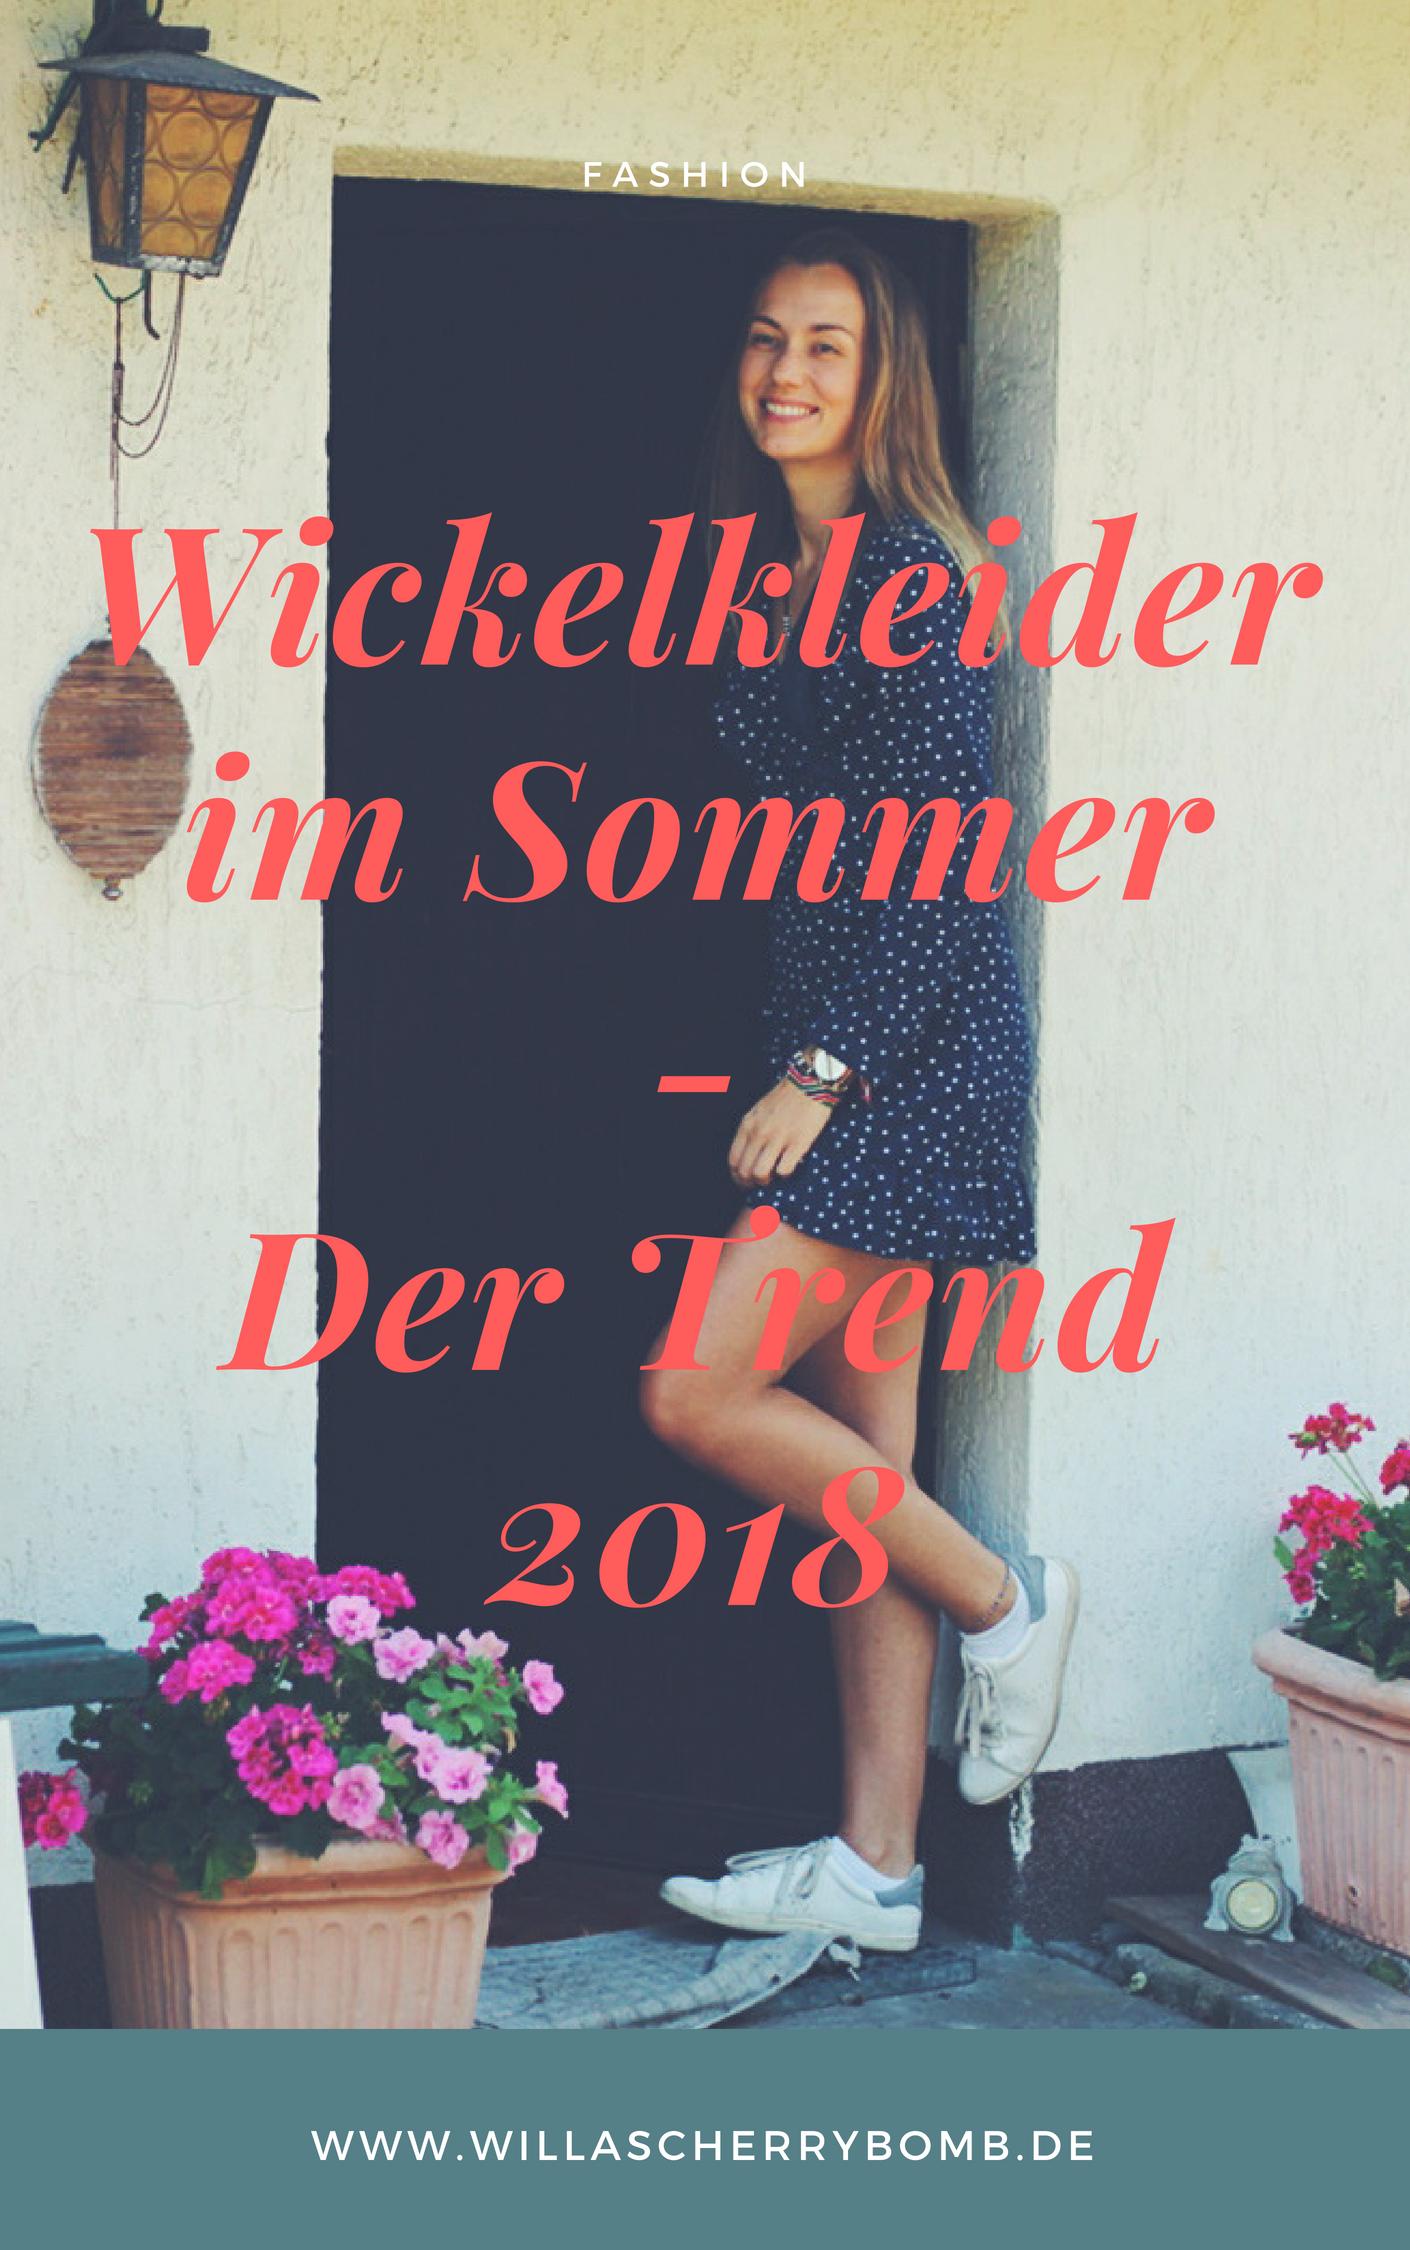 willascherrybomb wickelkleid sommer der kleider trend 2018 wickelkleider outfit inspiration